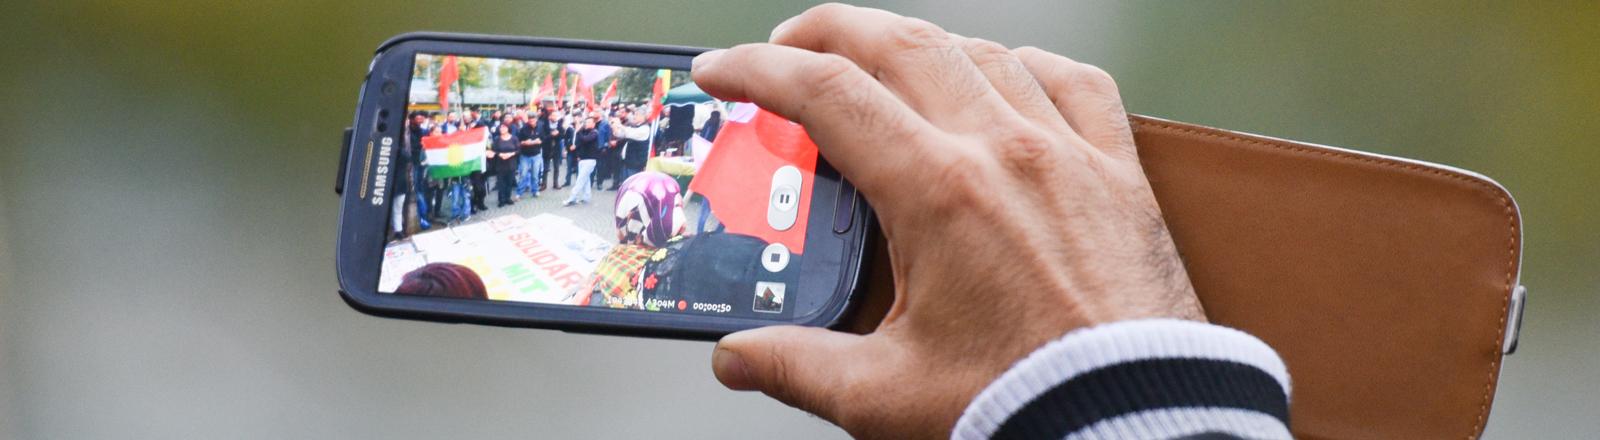 Jemand filmt eine Kurden-Demo mit dem Smartphone.